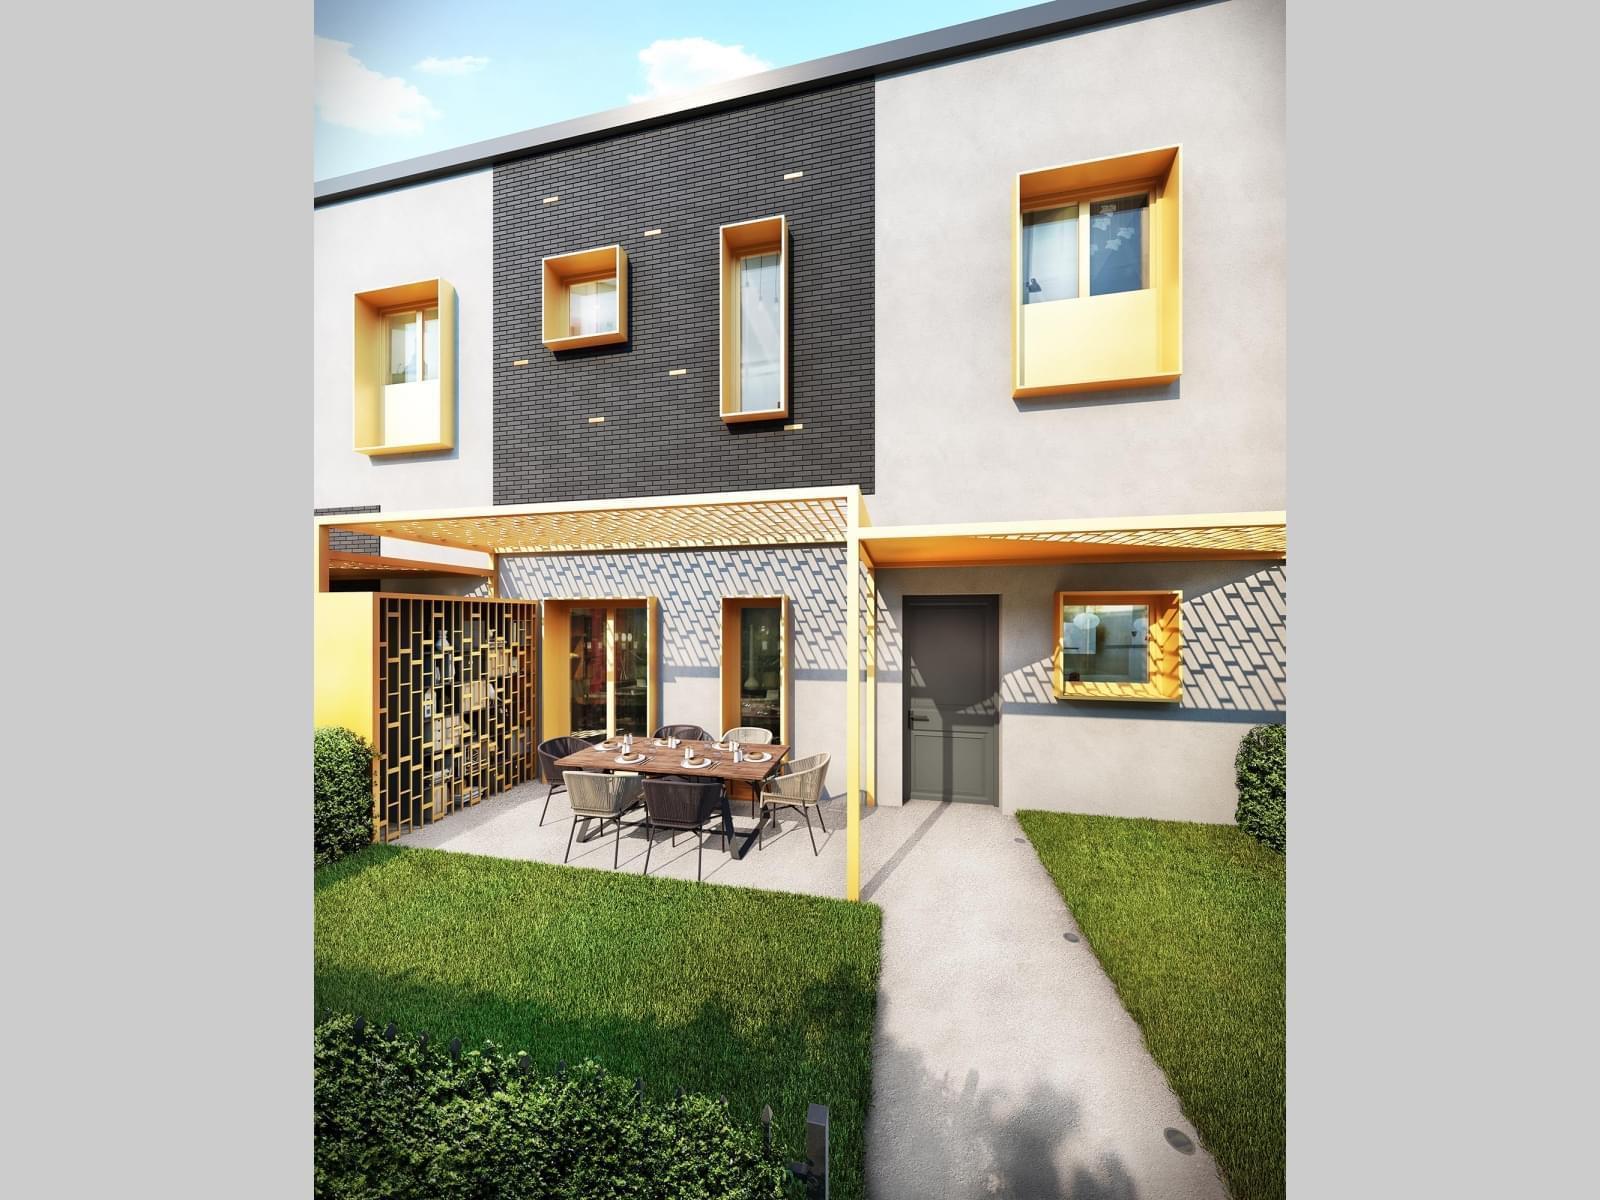 Résidence à Lyon 6 Toits terrasse, Ecrin de verdure, Confort et standing,